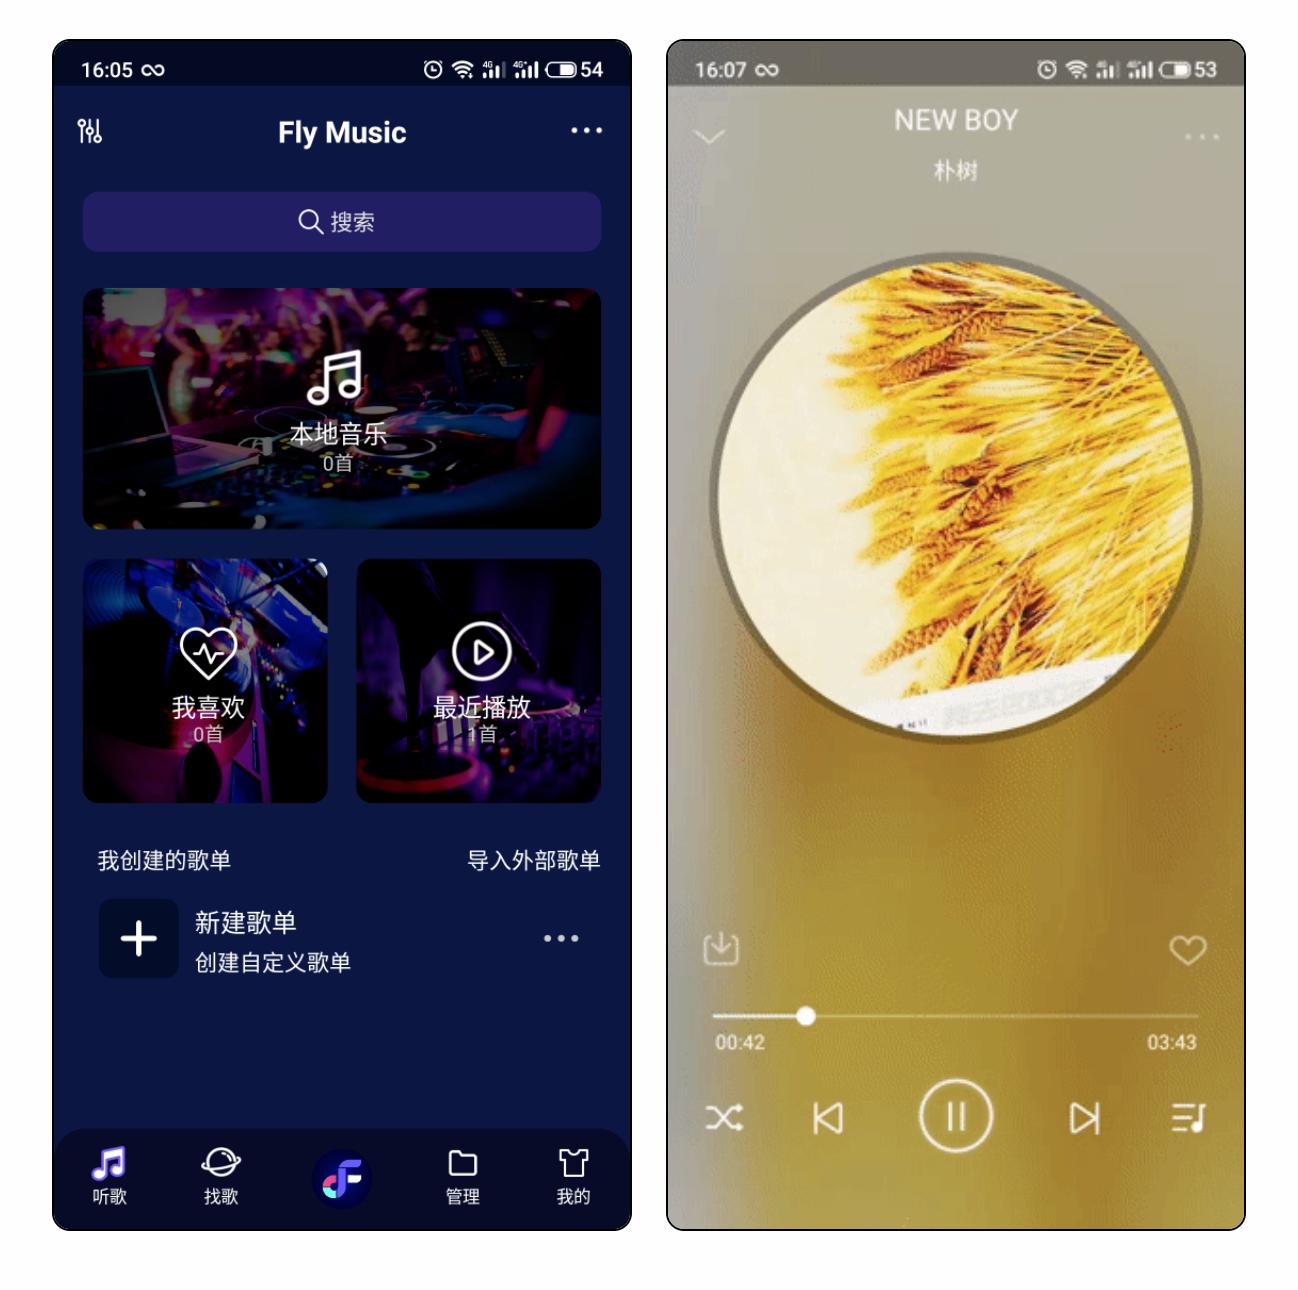 Fly music—付费资源下载